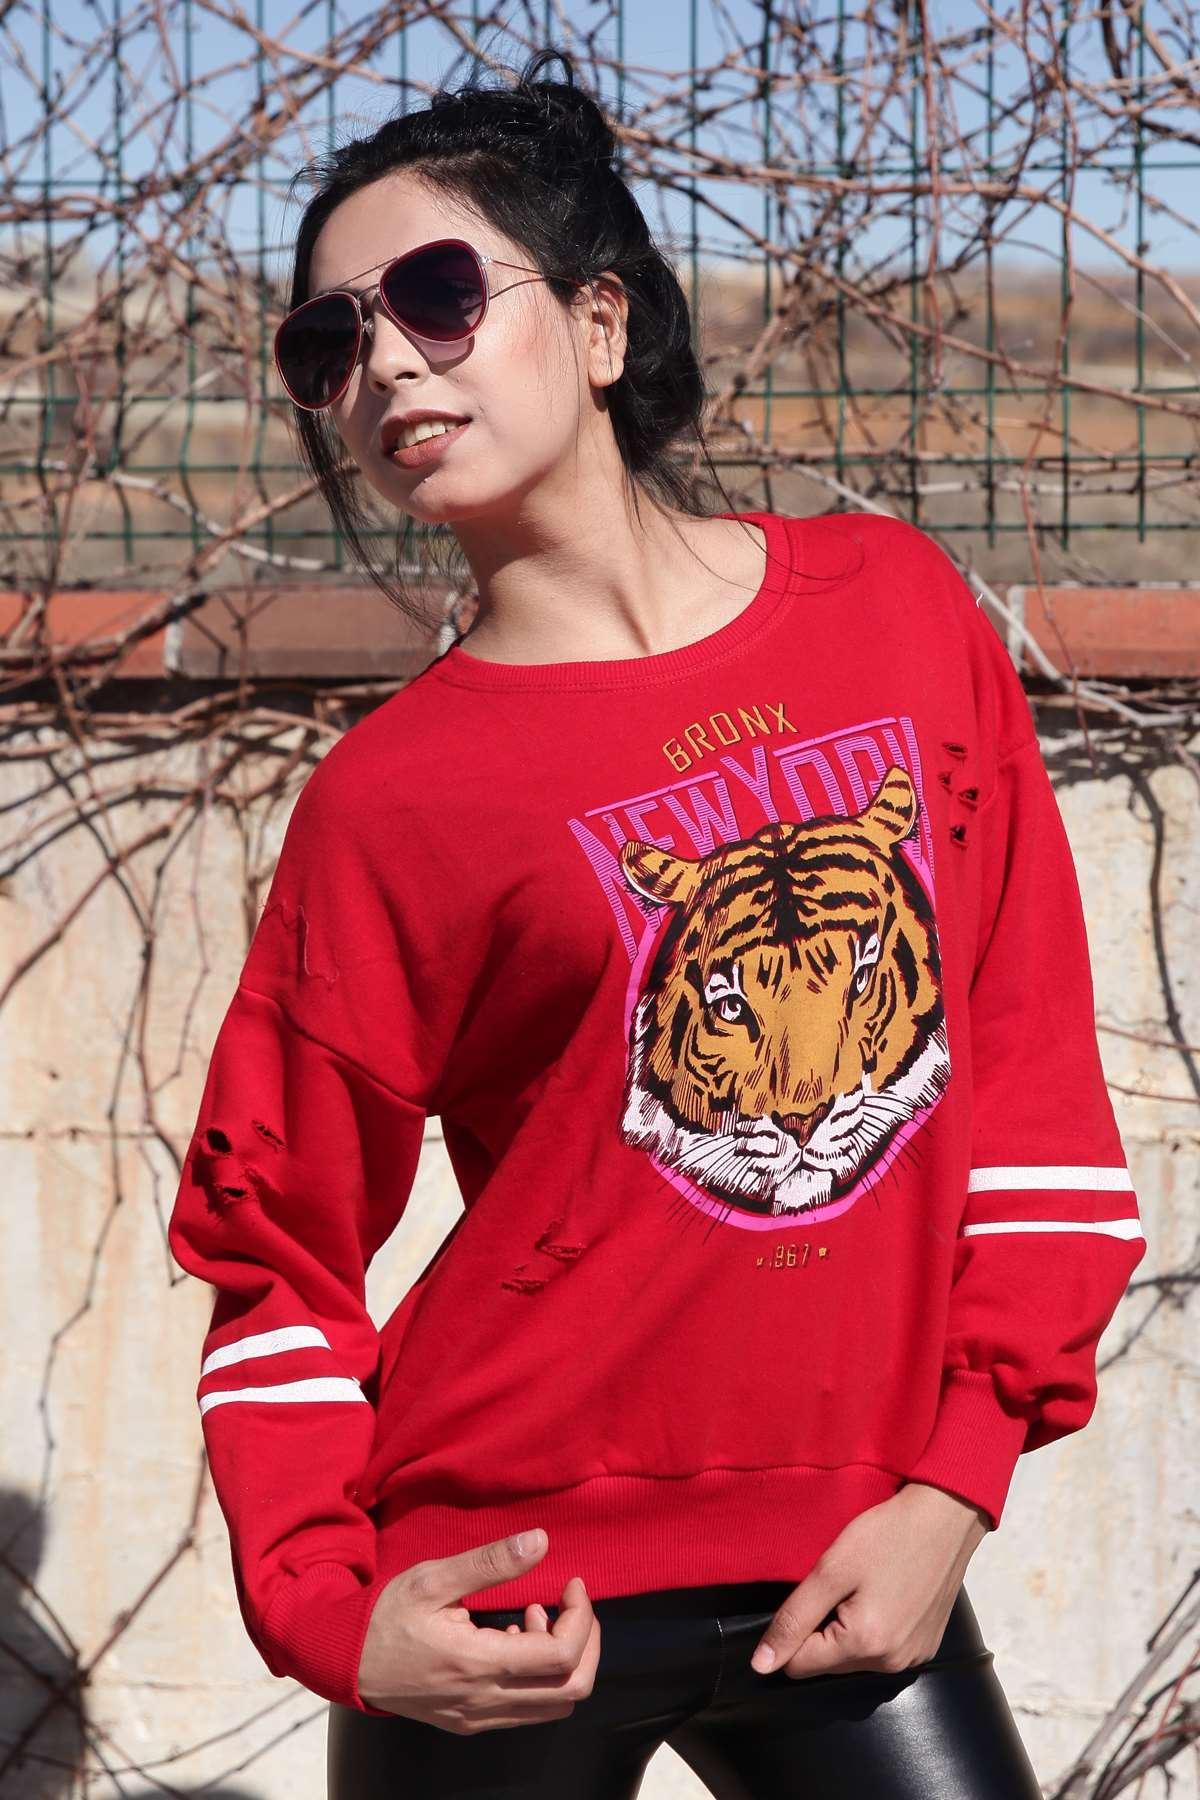 Kaplan Baskı Detaylı Kol Şeritli Simit Yaka Sweatshirt Kırmızı